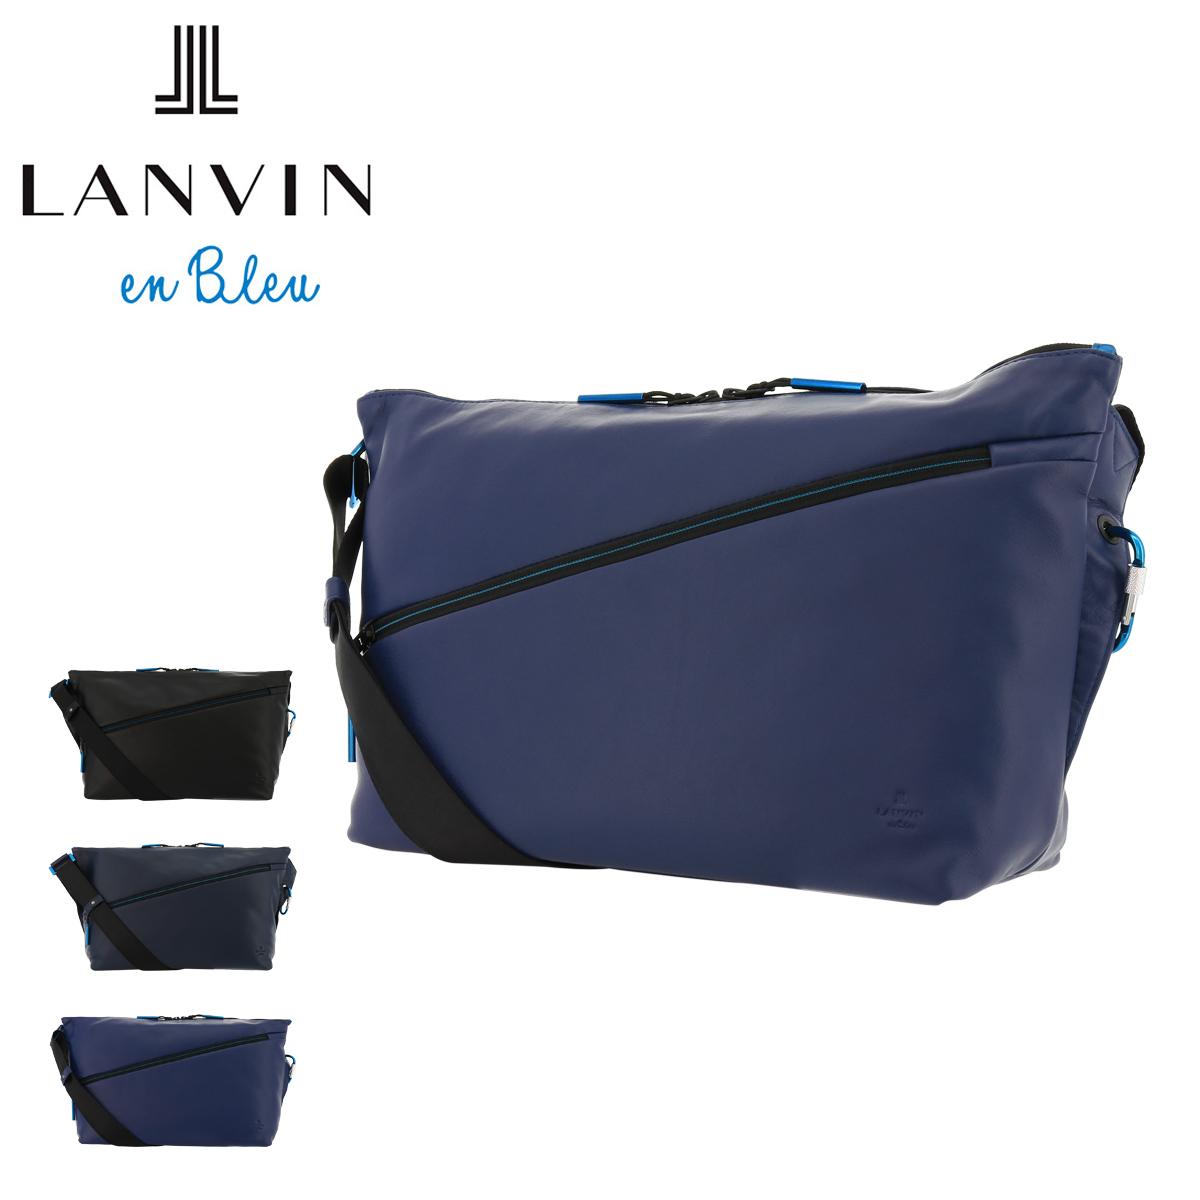 ランバンオンブルー ショルダーバッグ アルマイト メンズ554103 LANVIN en Bleu | 斜めがけ 本革 牛革 レザー[PO10][即日発送]